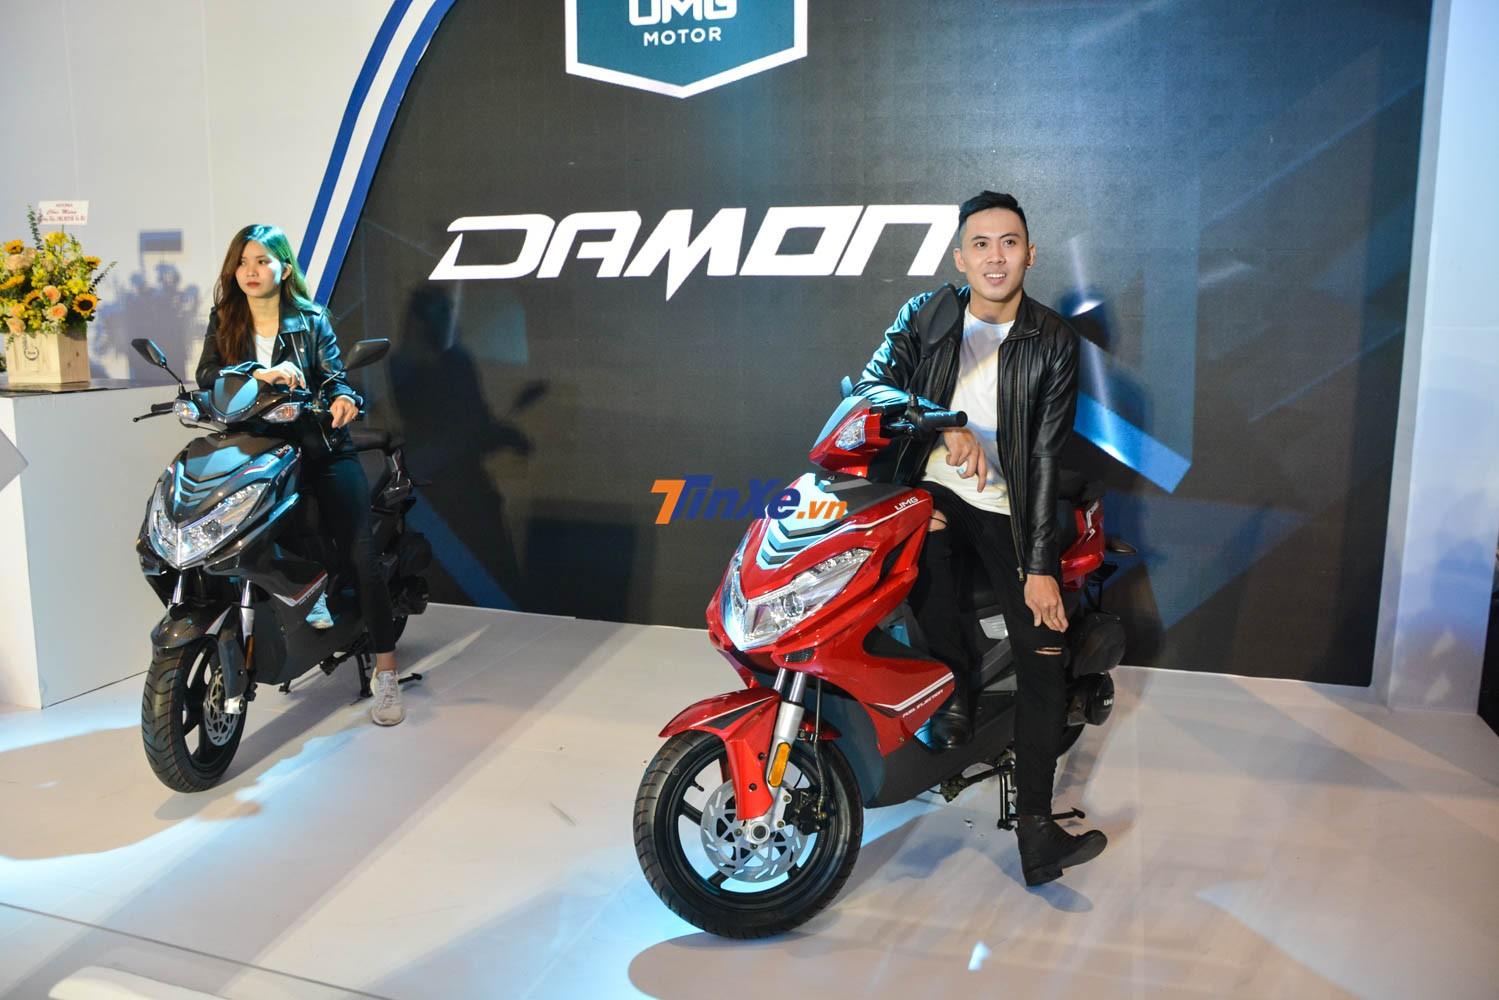 UMG Motor Damon 125cc là mẫu xe ga mới toanh trong phân khúc 125 phân khối